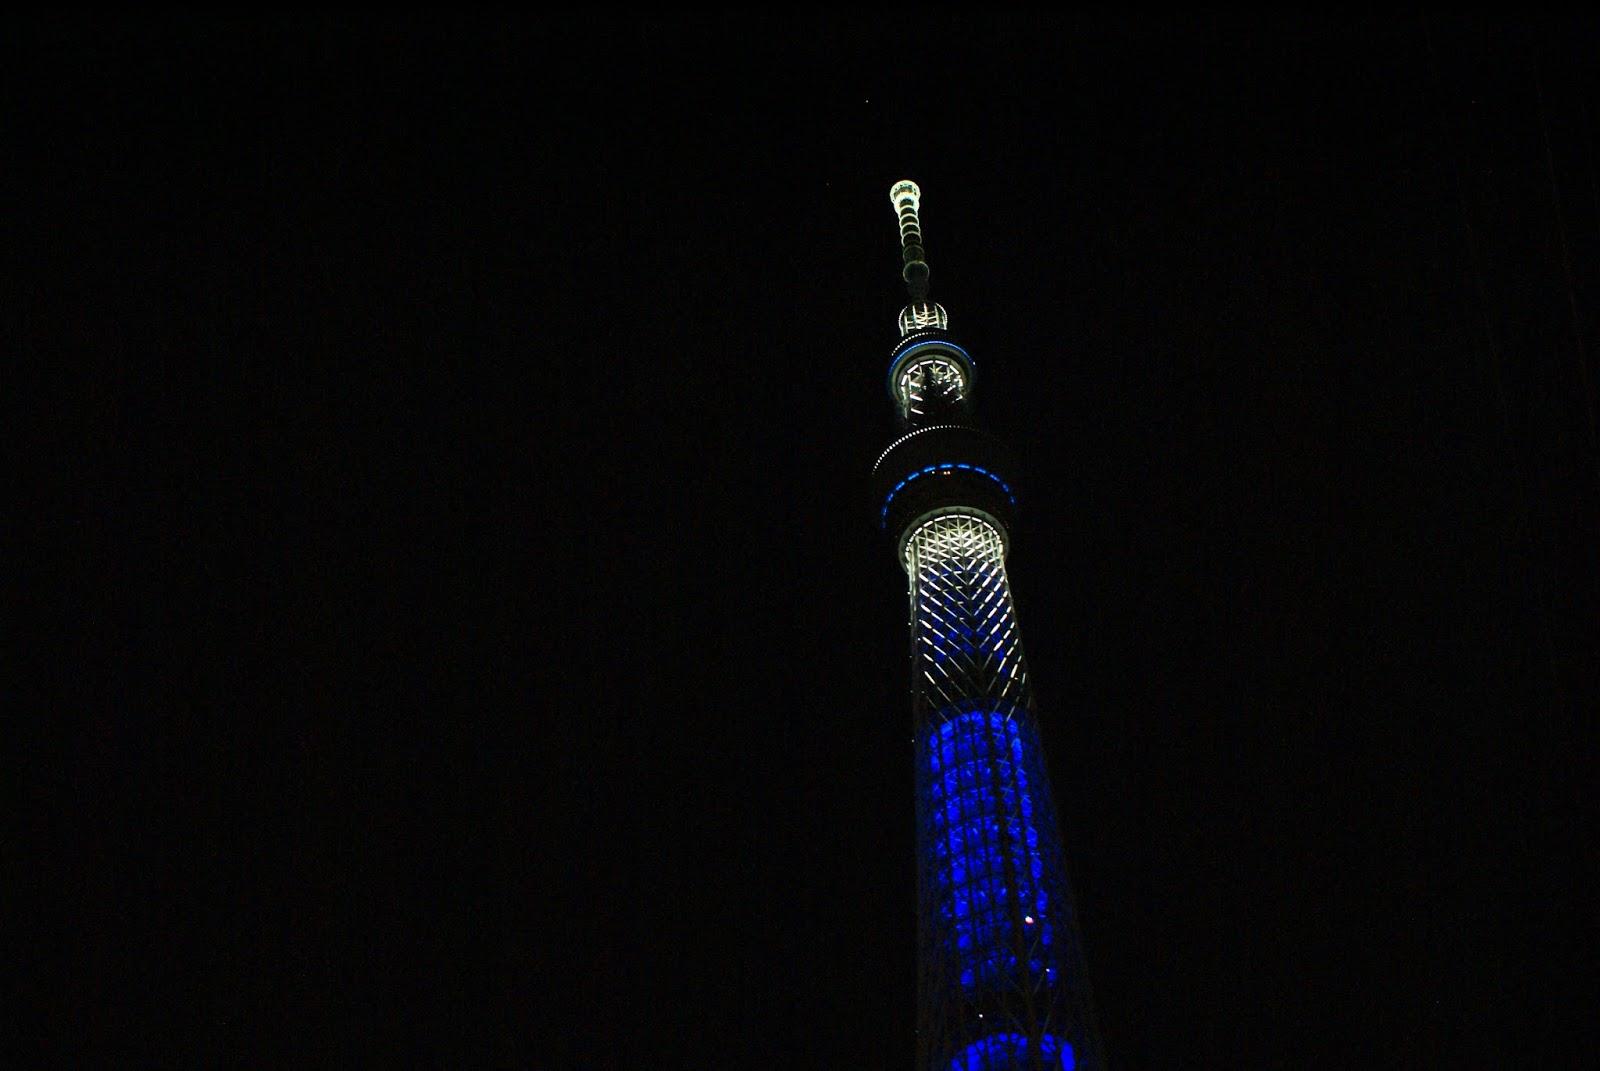 tokyo sky tree asakusa japan asia tower skyscraper night